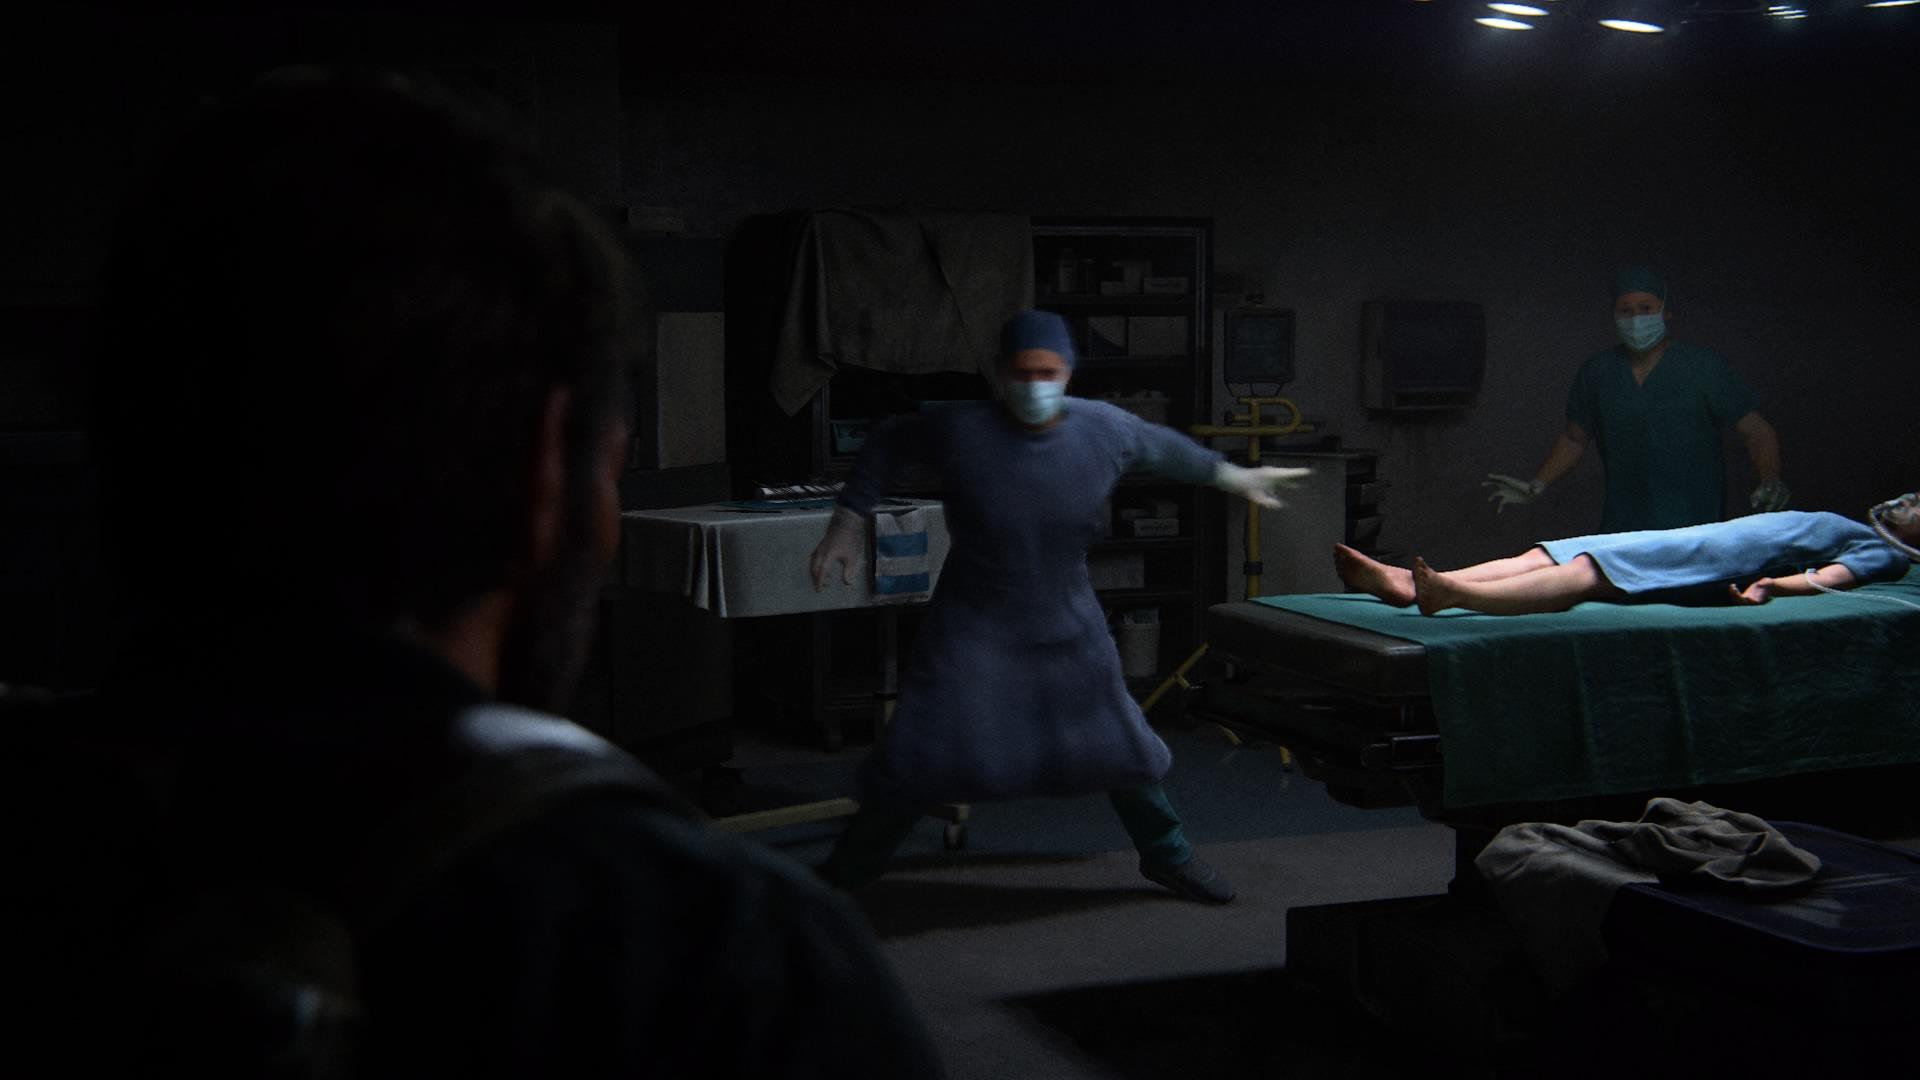 Der Chirurg Lebt Noch